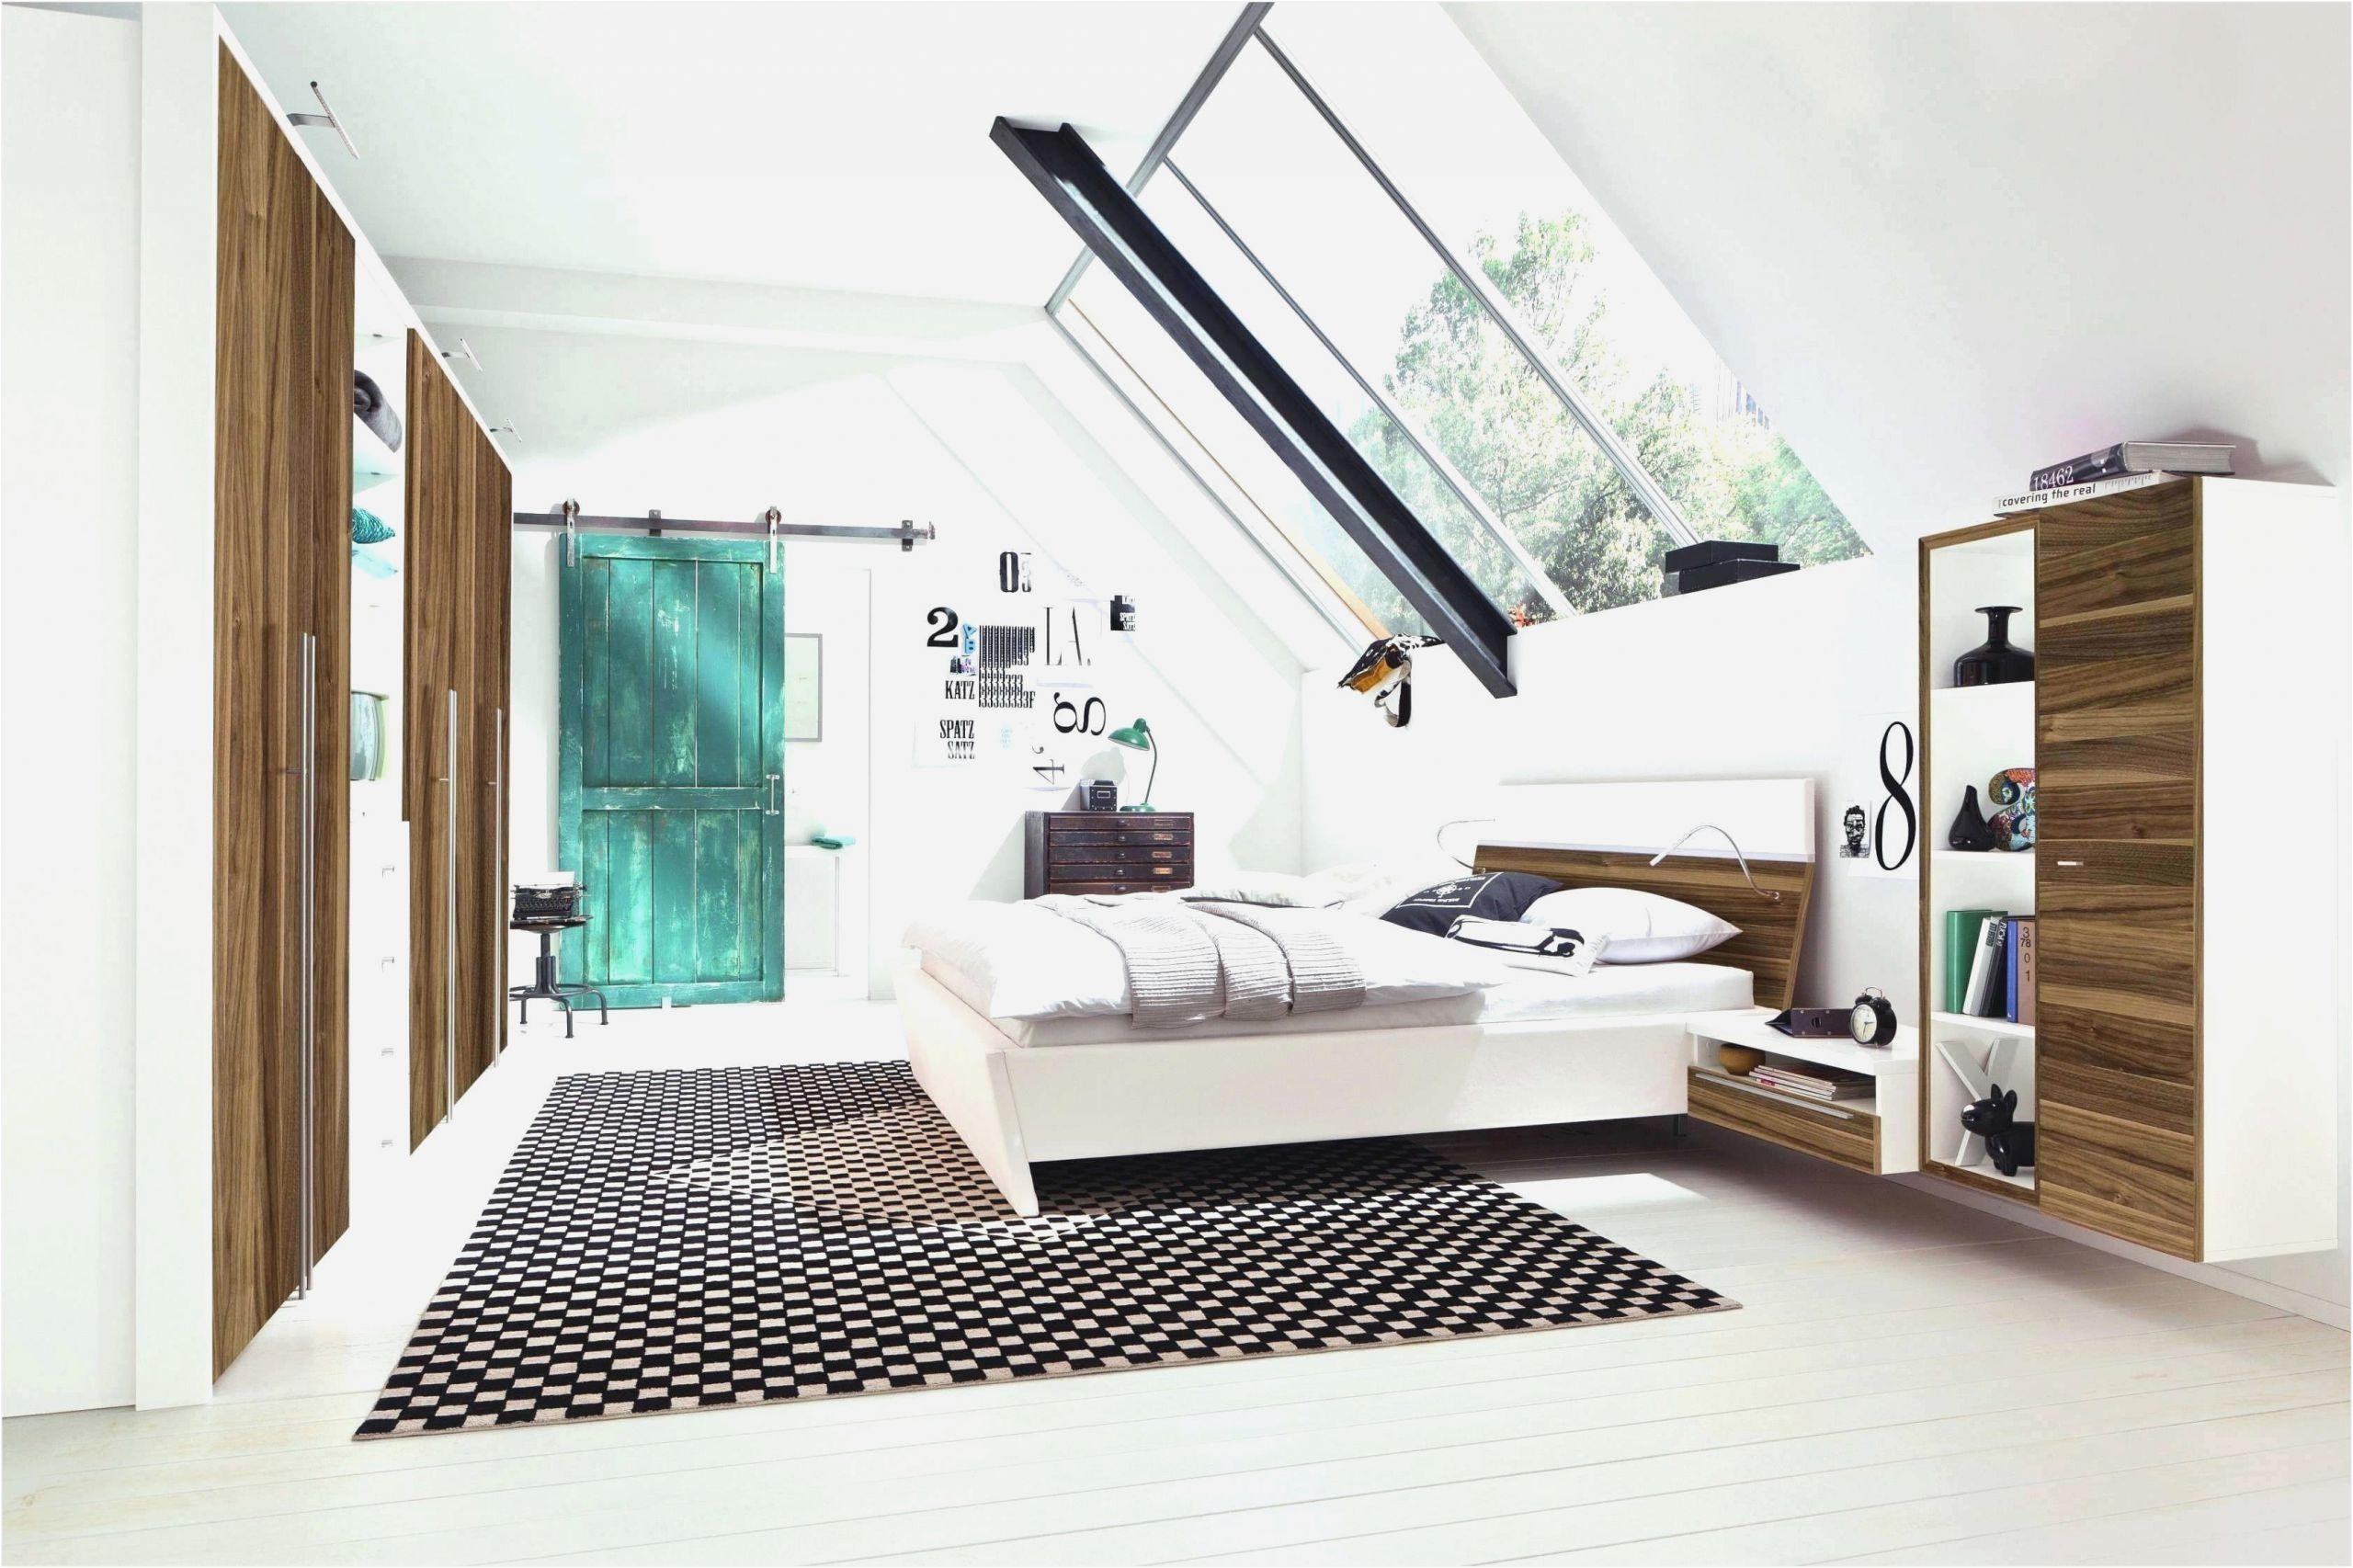 deko schlafzimmer dachschrage of deko schlafzimmer dachschrage scaled